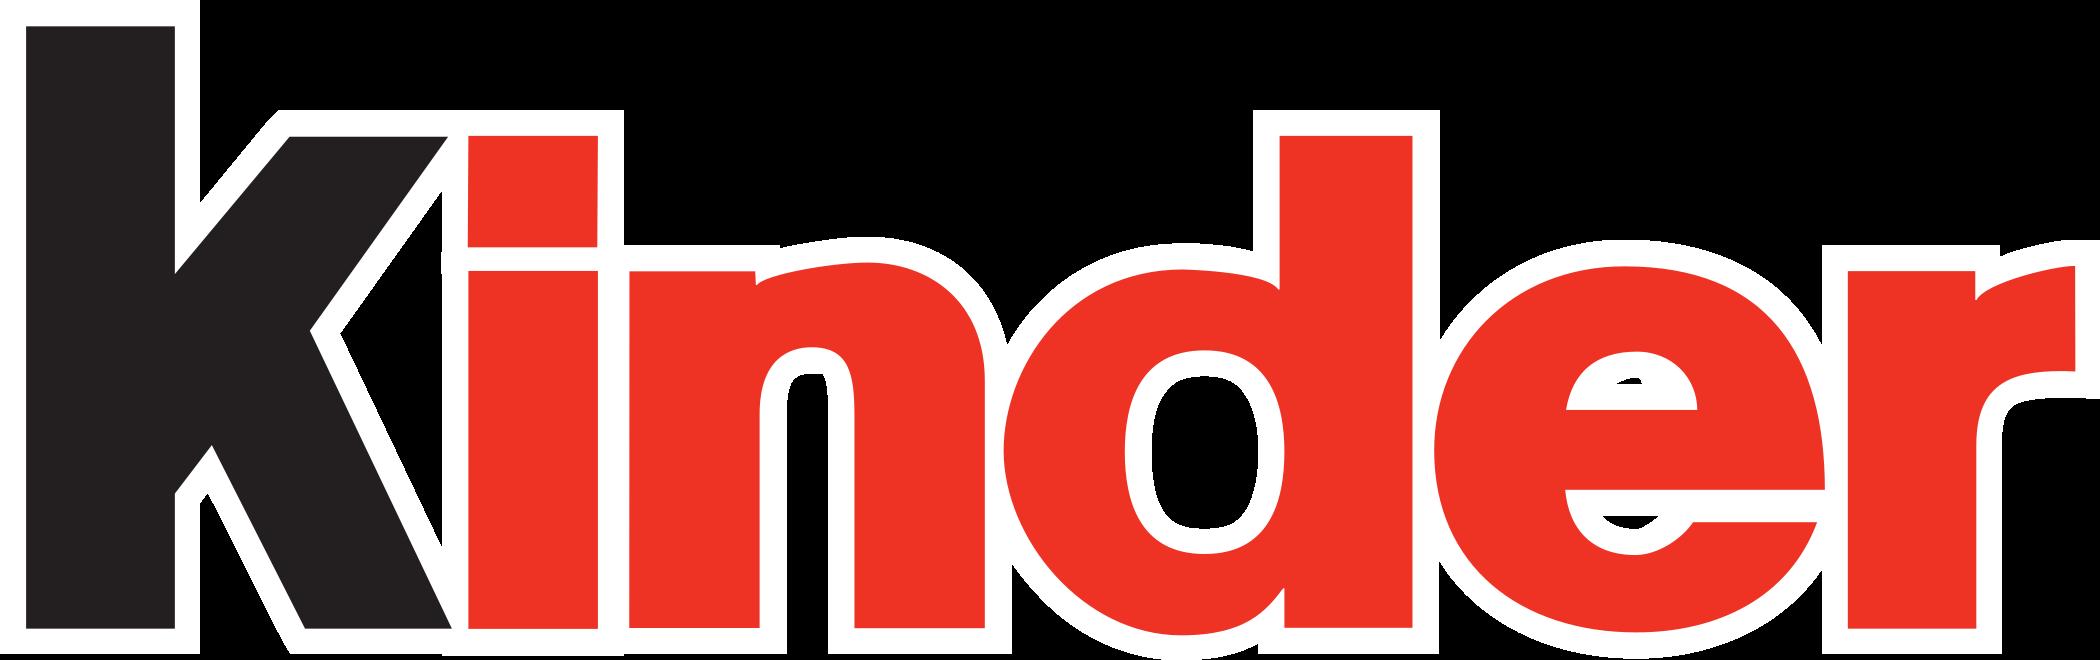 kinder logo 1 - Kinder Logo